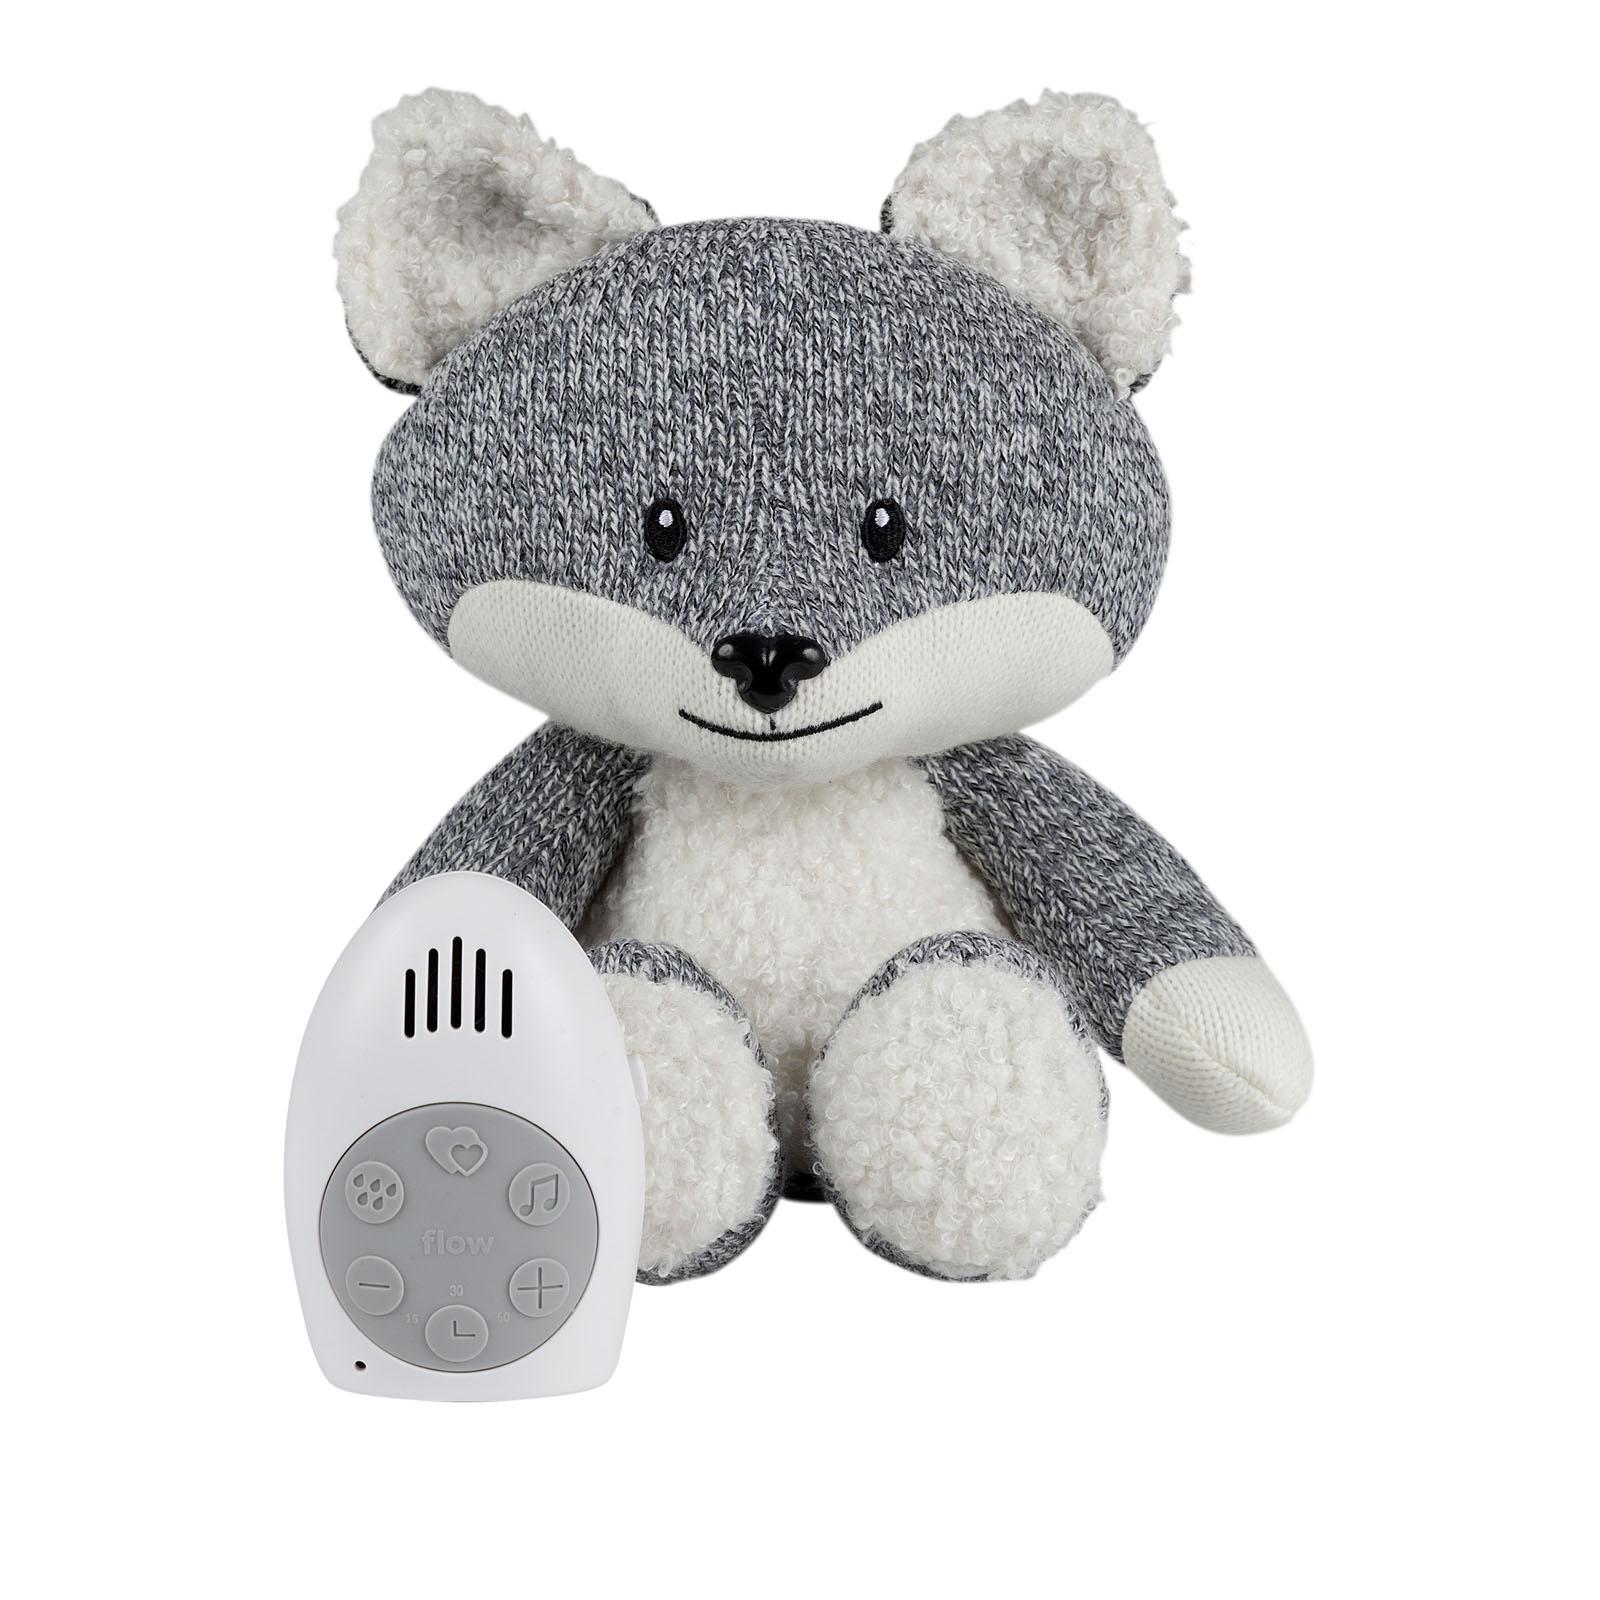 Einschlafhilfe Stofftier Plüschtier mit Comforter Spieluhr Fuchs Robin grau 17 cm